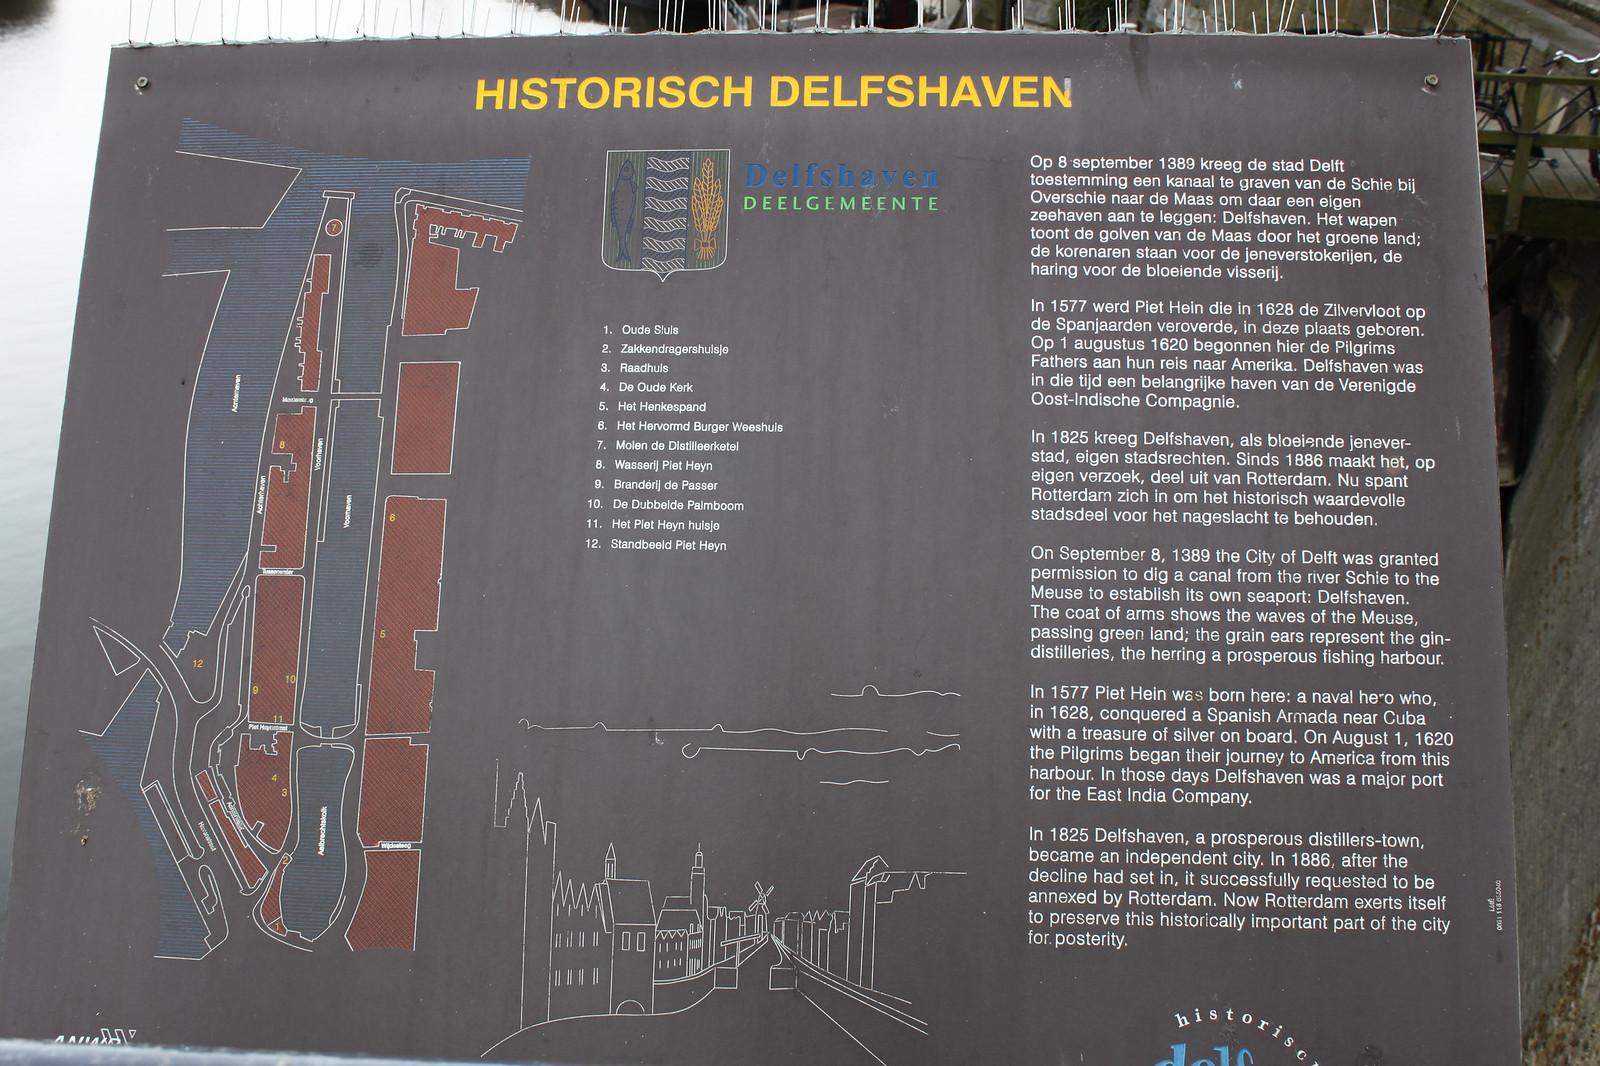 Oude Haven (vanha satama) on suosittua ravintola-aluetta ja sijaitsee Rotterdamin vanhassa kaupungissa. Täälläkään ei ole paljoa pommien tuhoilta välttynyttä, mutta jotakin sentään on säilynyt. Oude Havenissa on myös telakka, jossa korjataan laivoja perinteisillä menetelmillä.